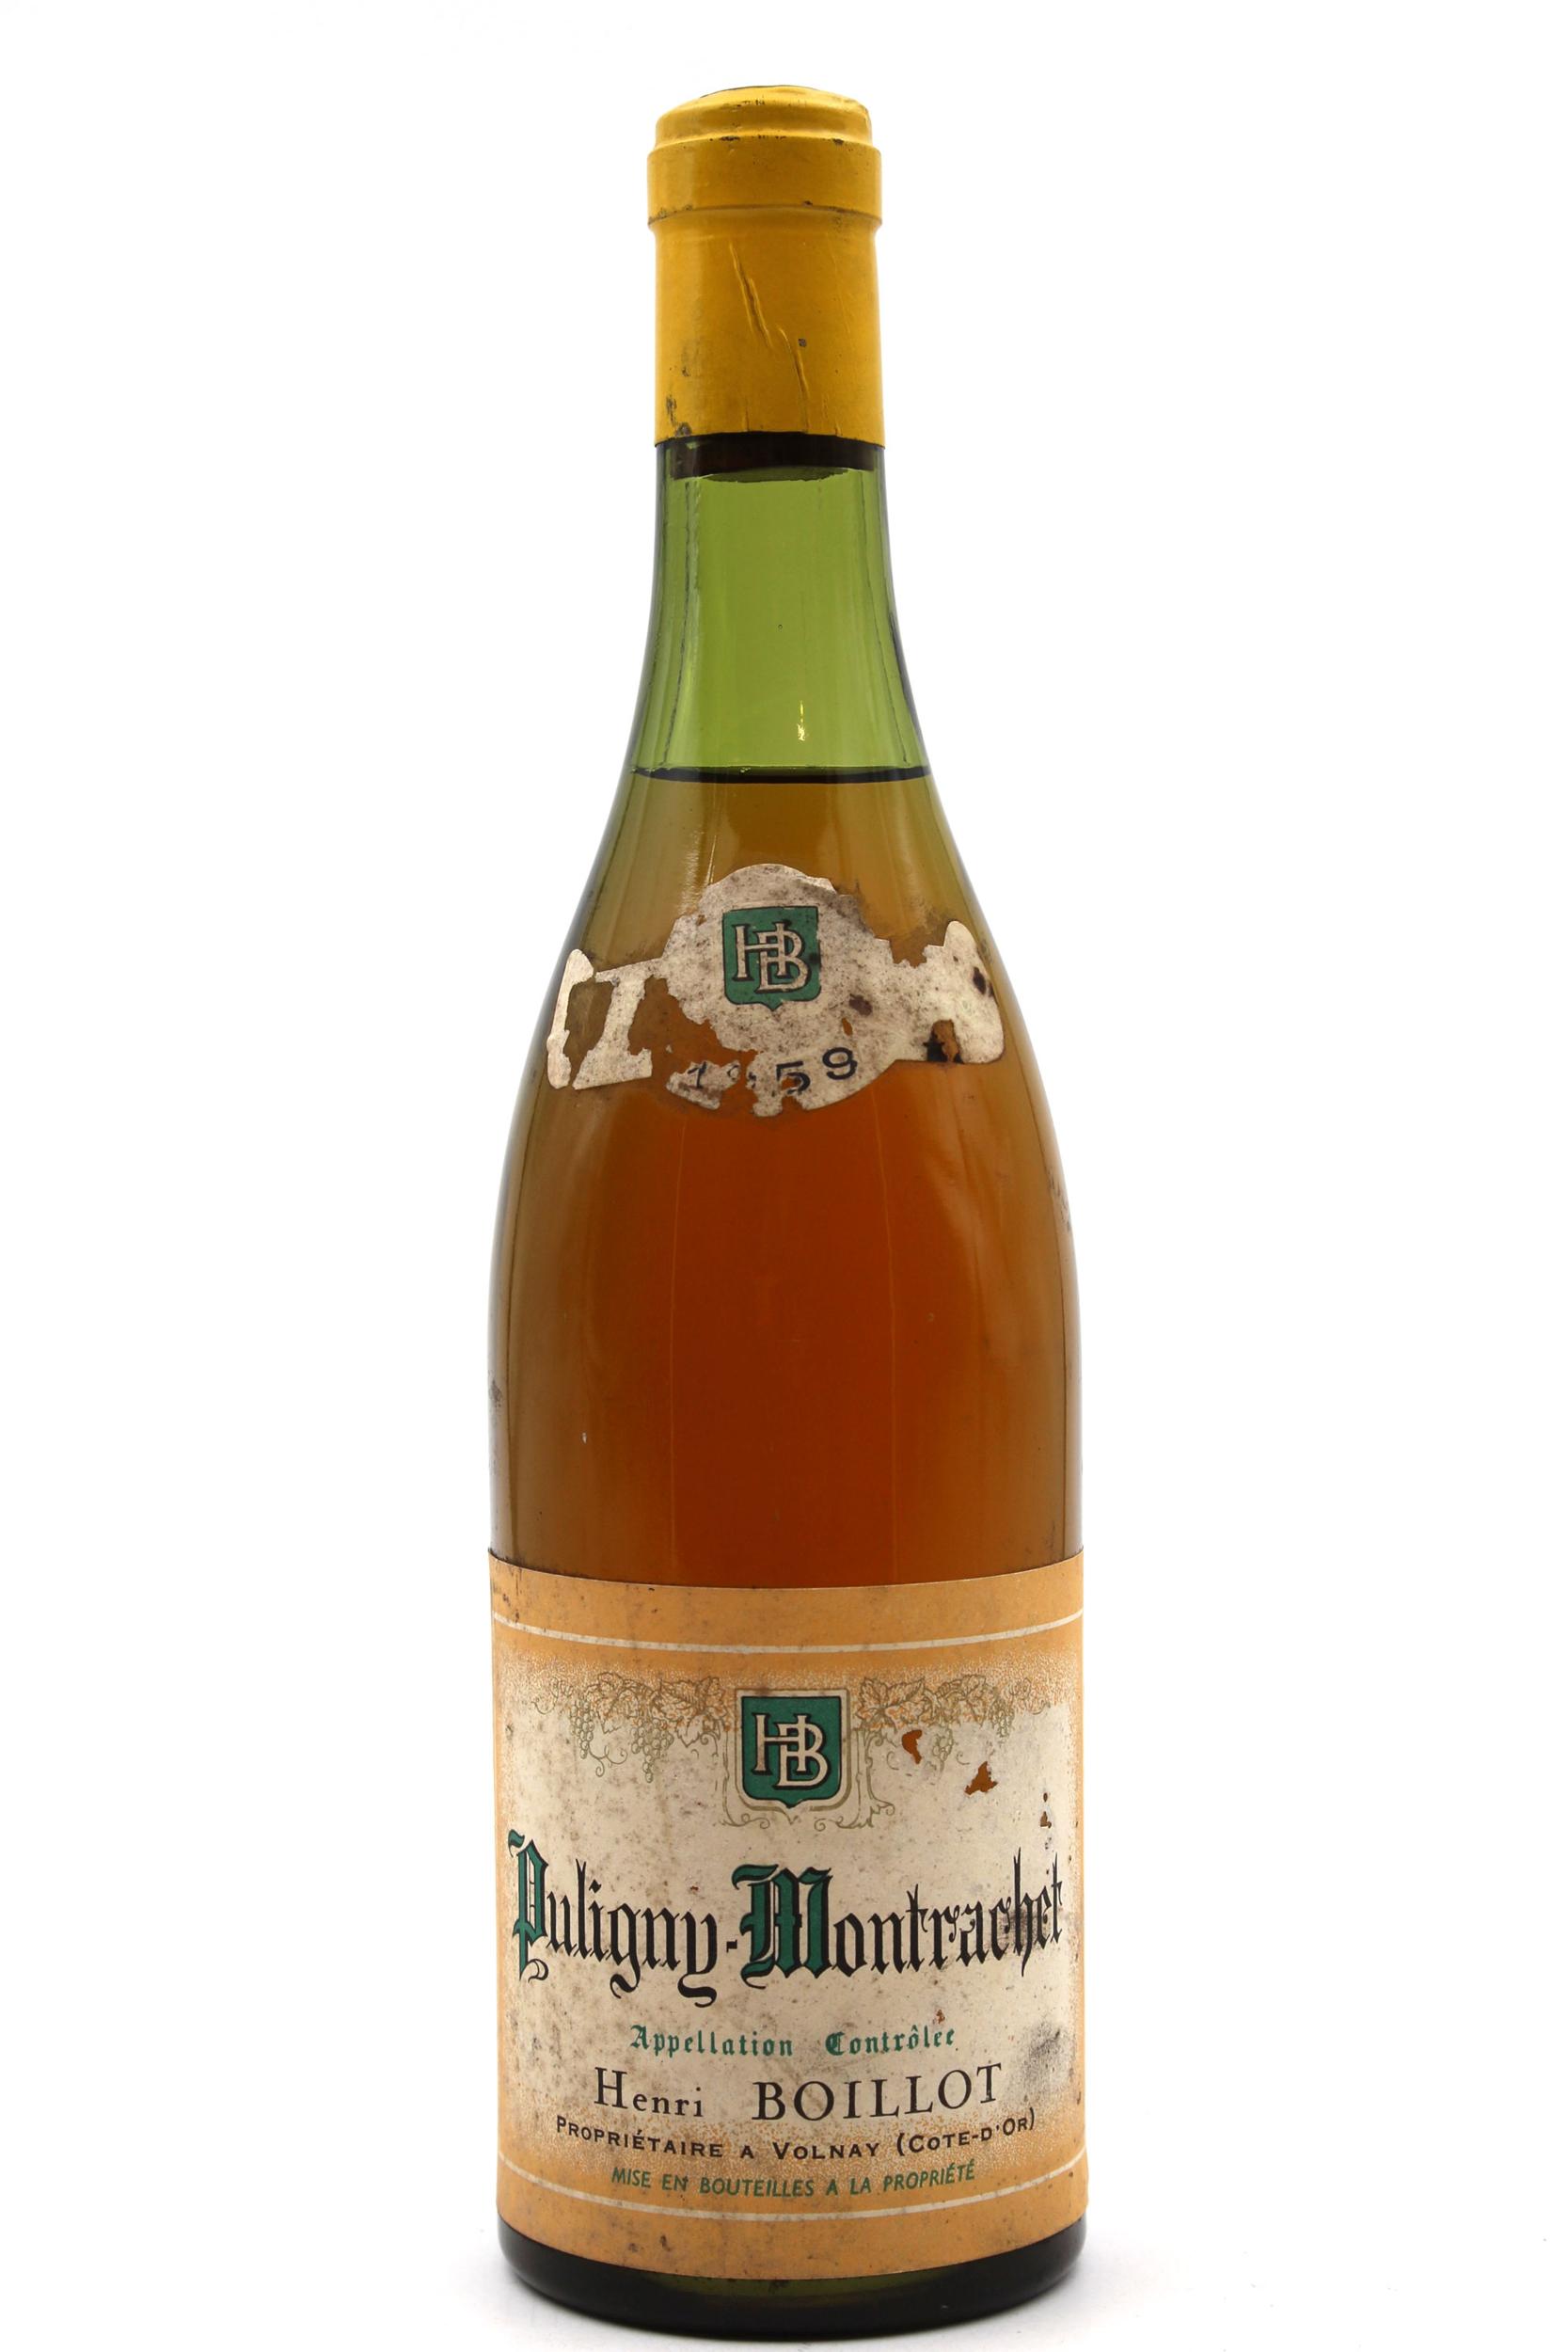 Château Puligny Montrachet Henri Boillot 1959  - Blanc - AOC - 75cl